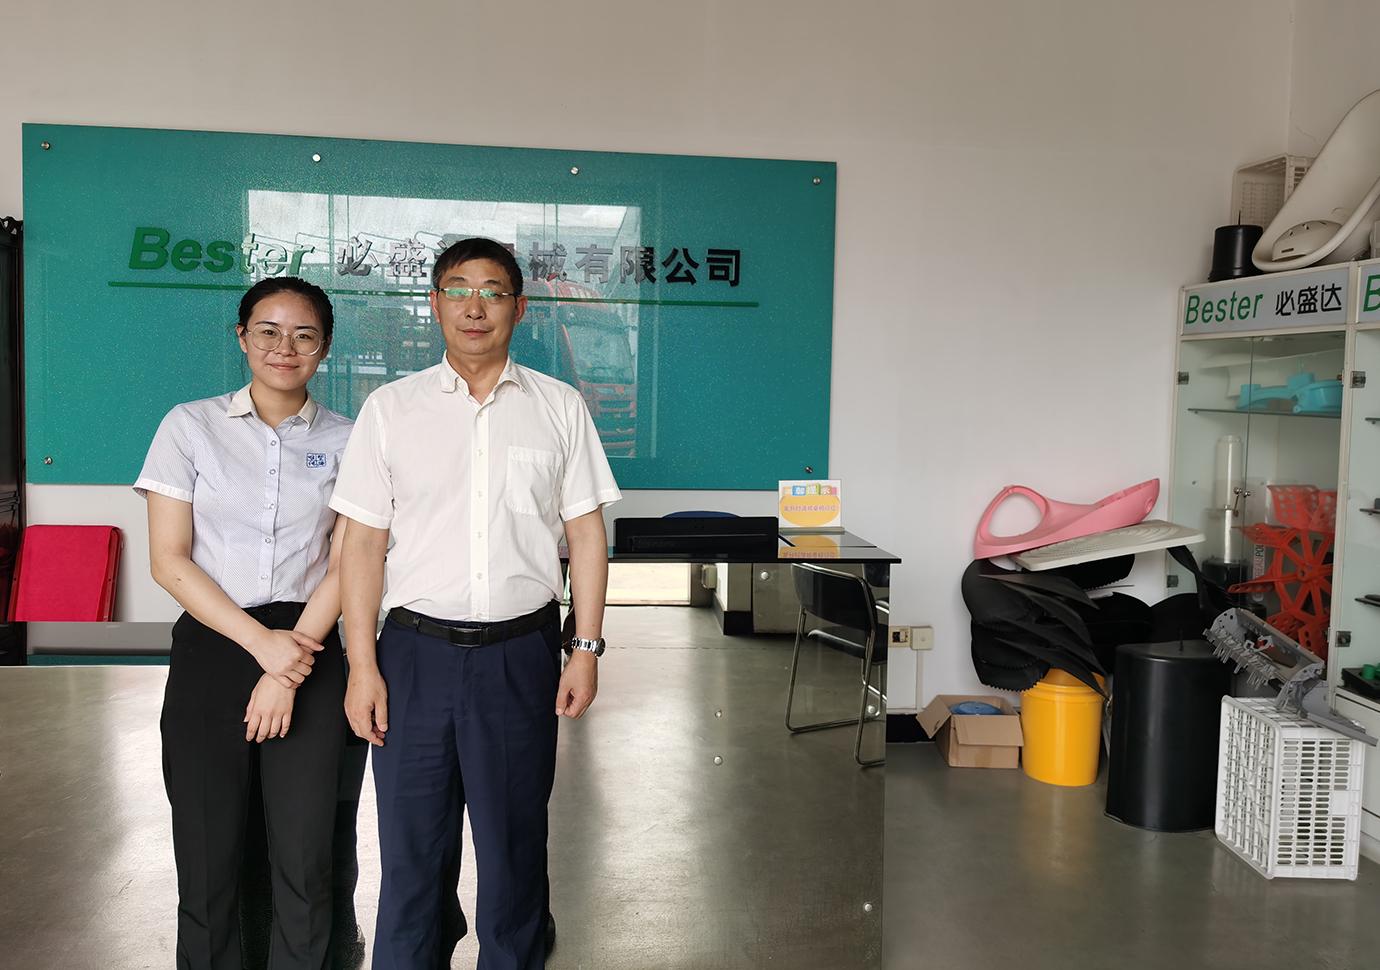 广东顺德必盛达机械有限公司 (2)